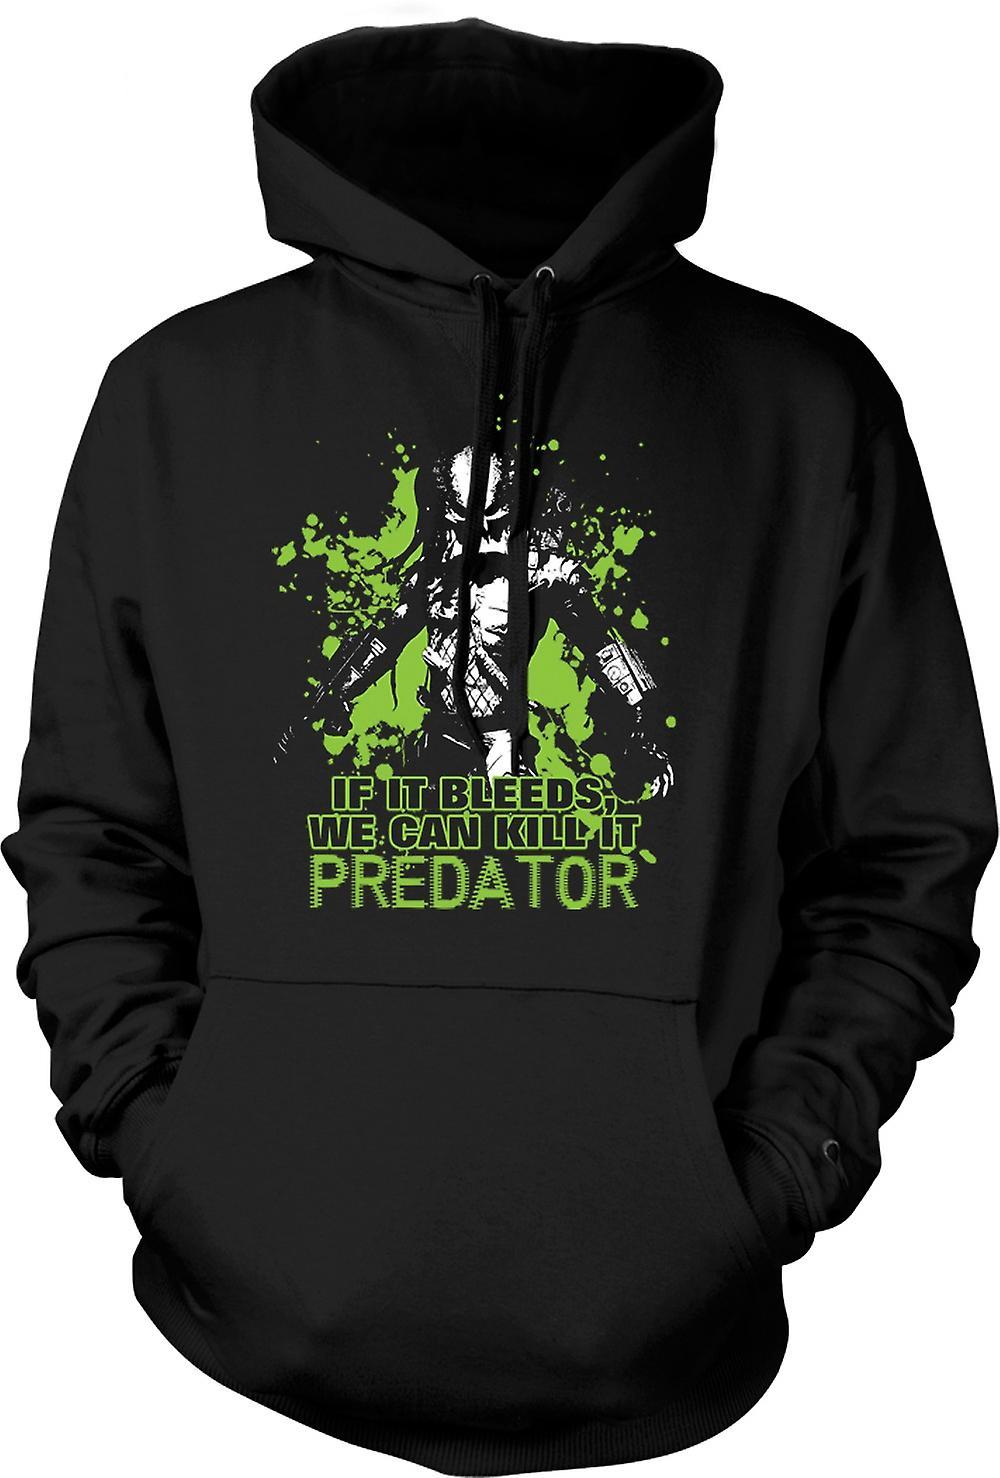 Kids Hoodie - Predator If It Bleeds We Can - Funny